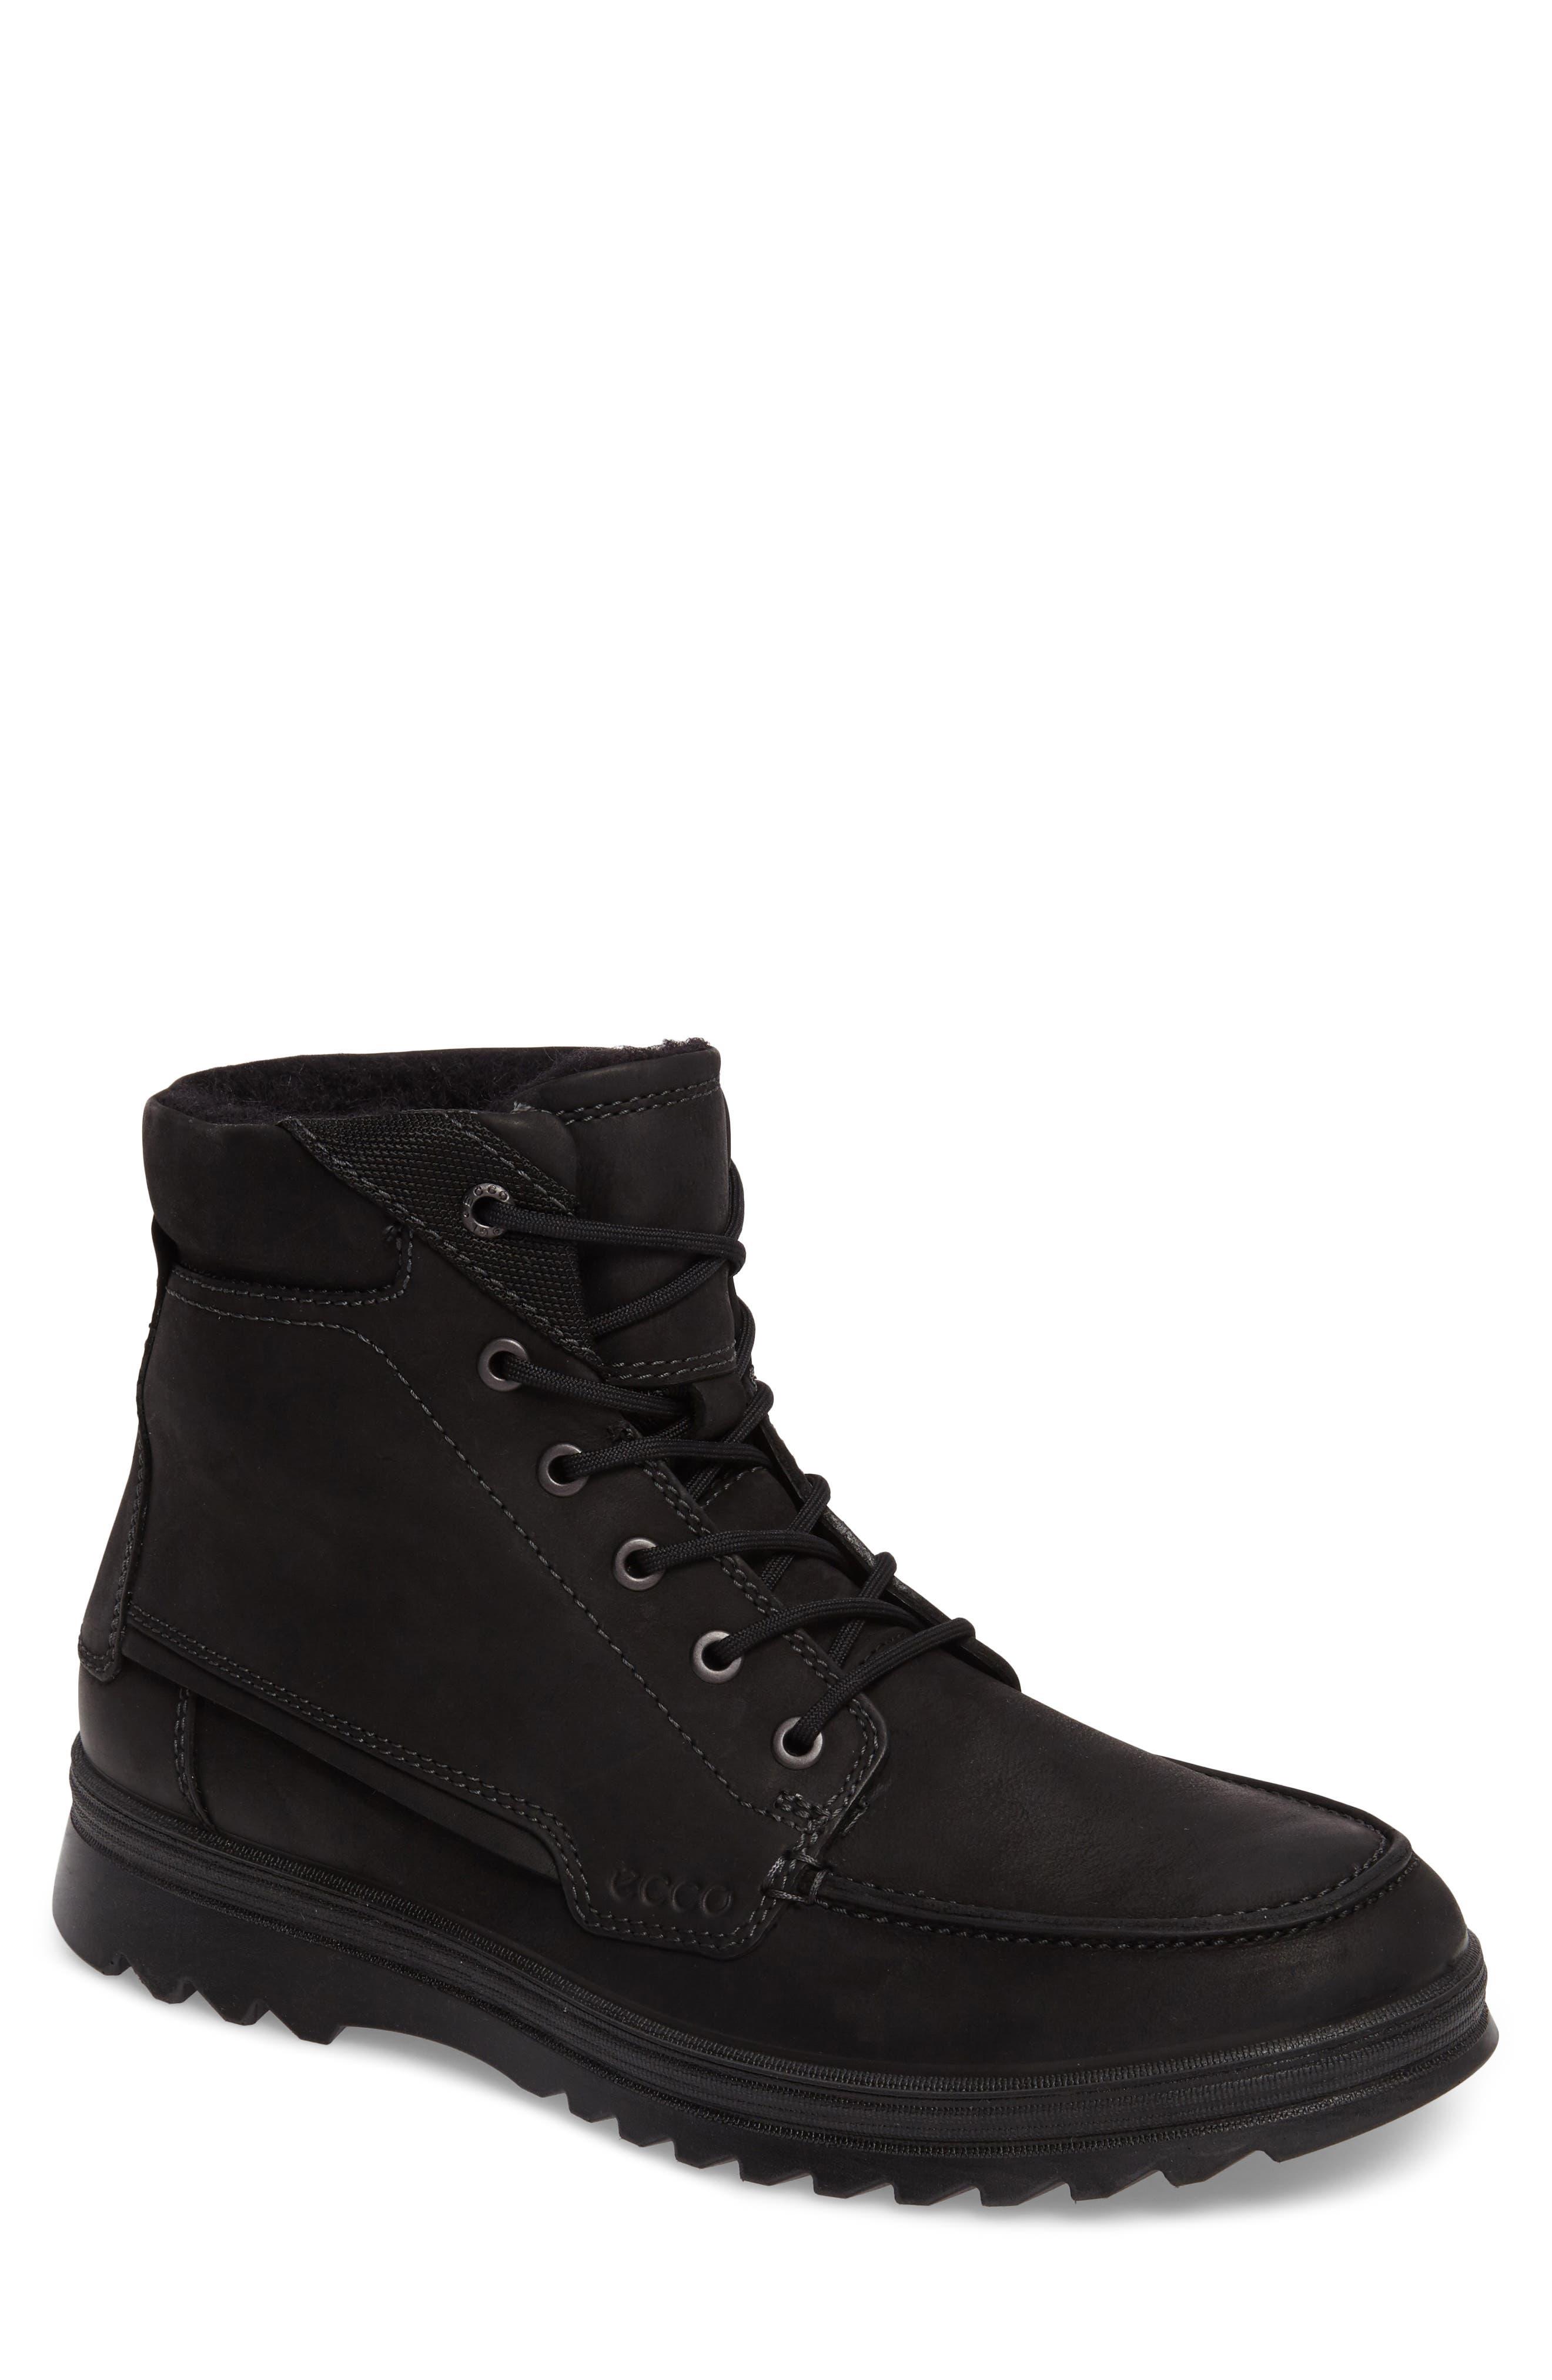 ECCO Darren Moc Toe Boot (Men)